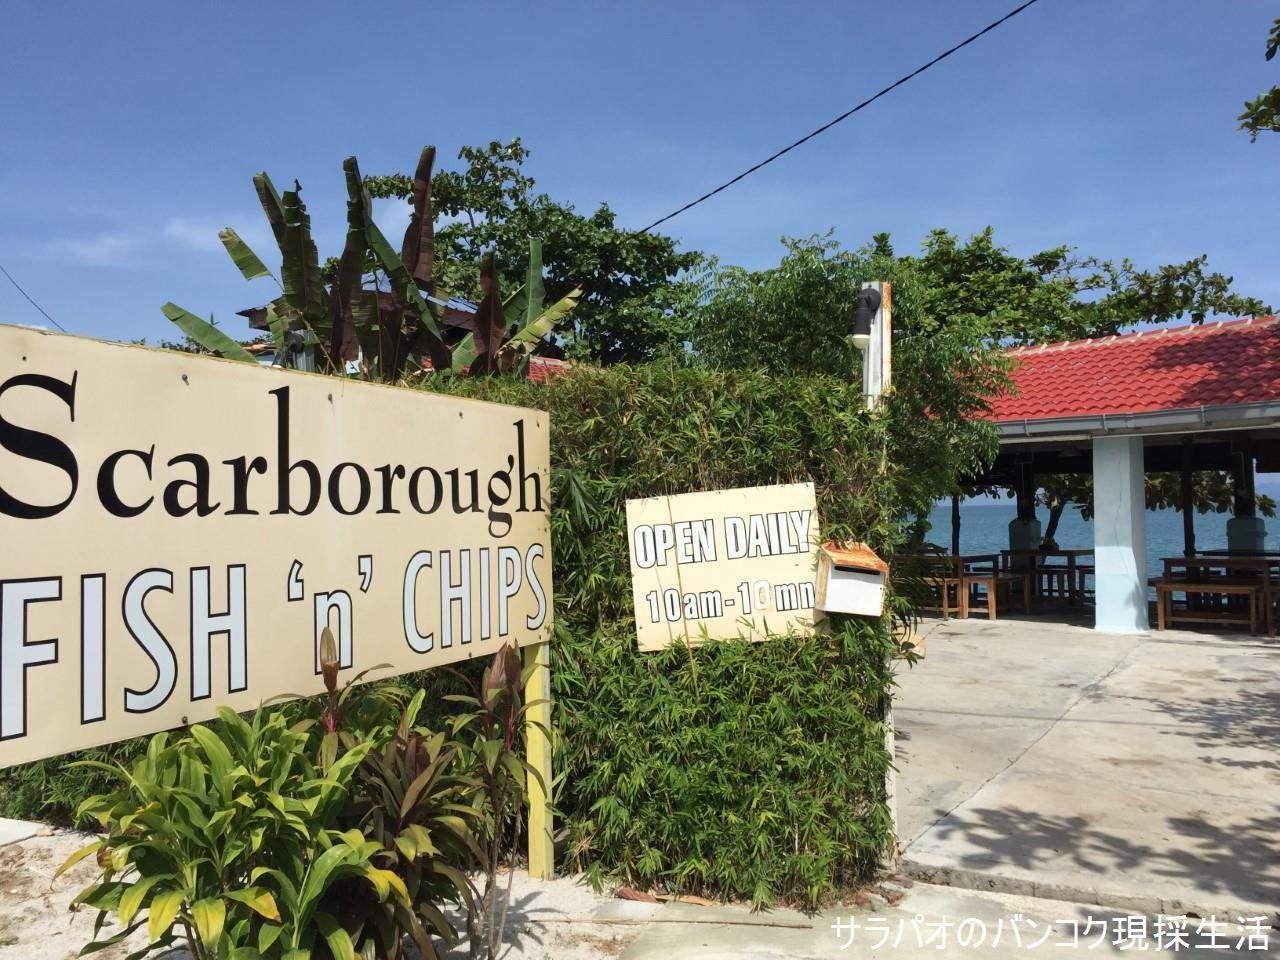 Scarborough_01.jpg